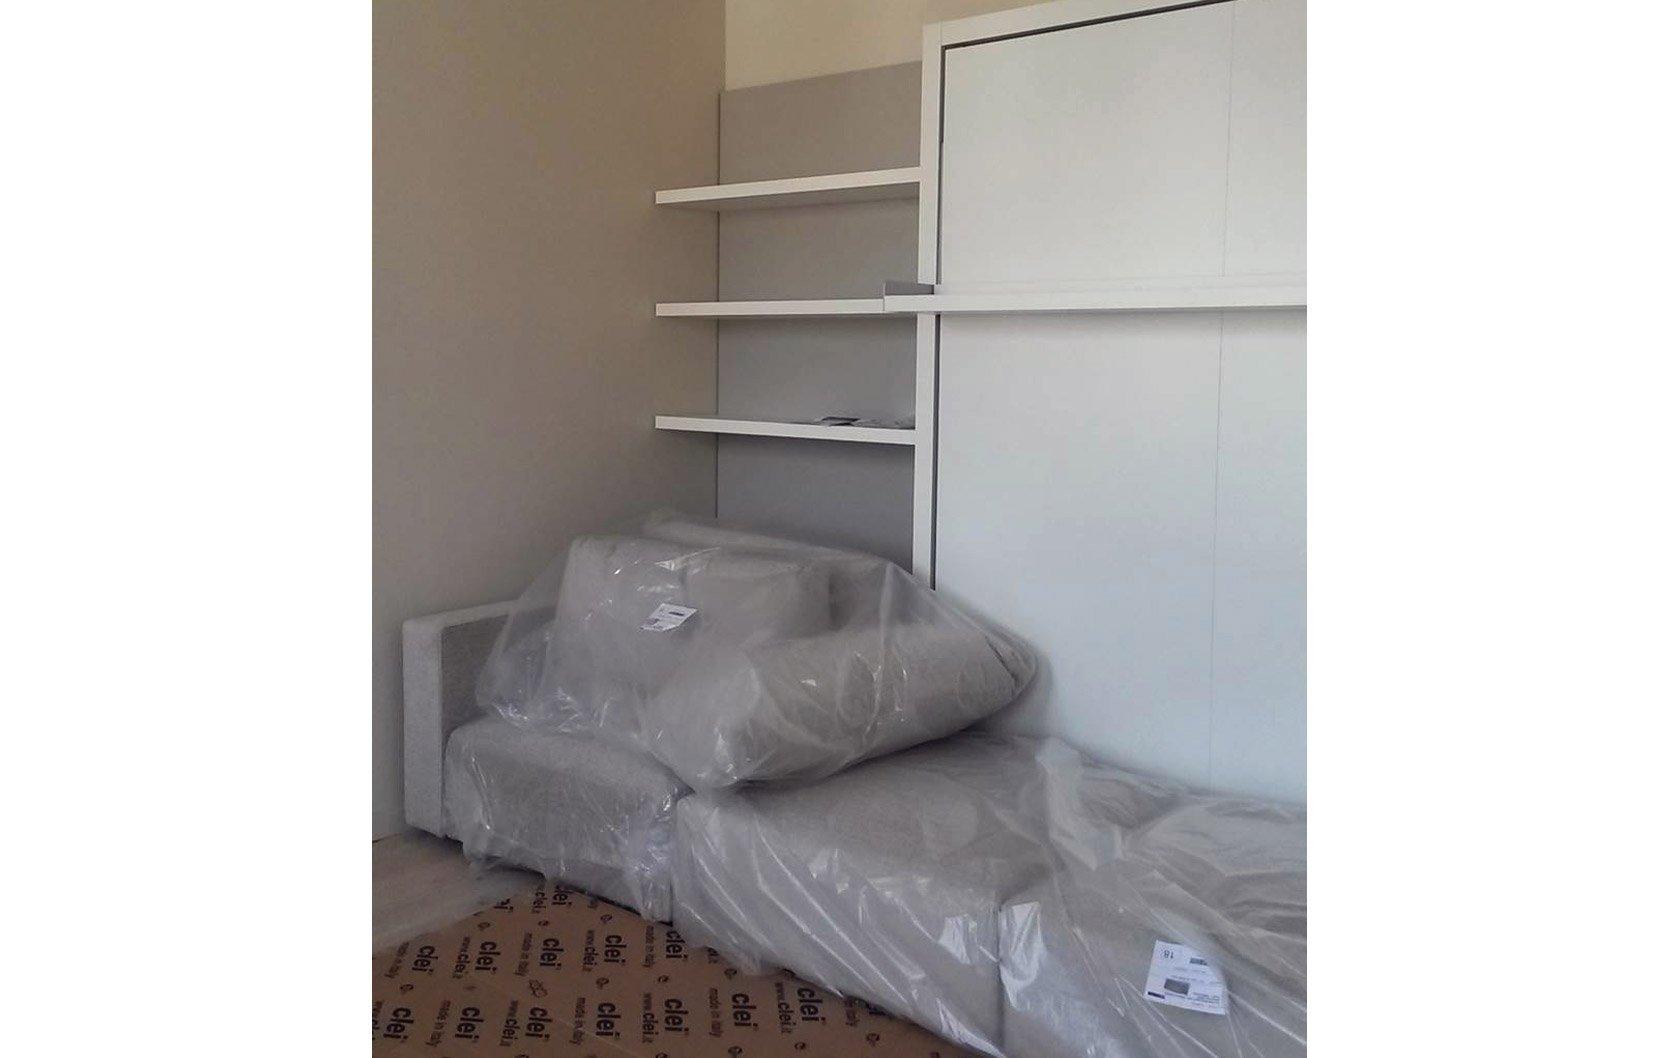 saumur-sofa-bed-install